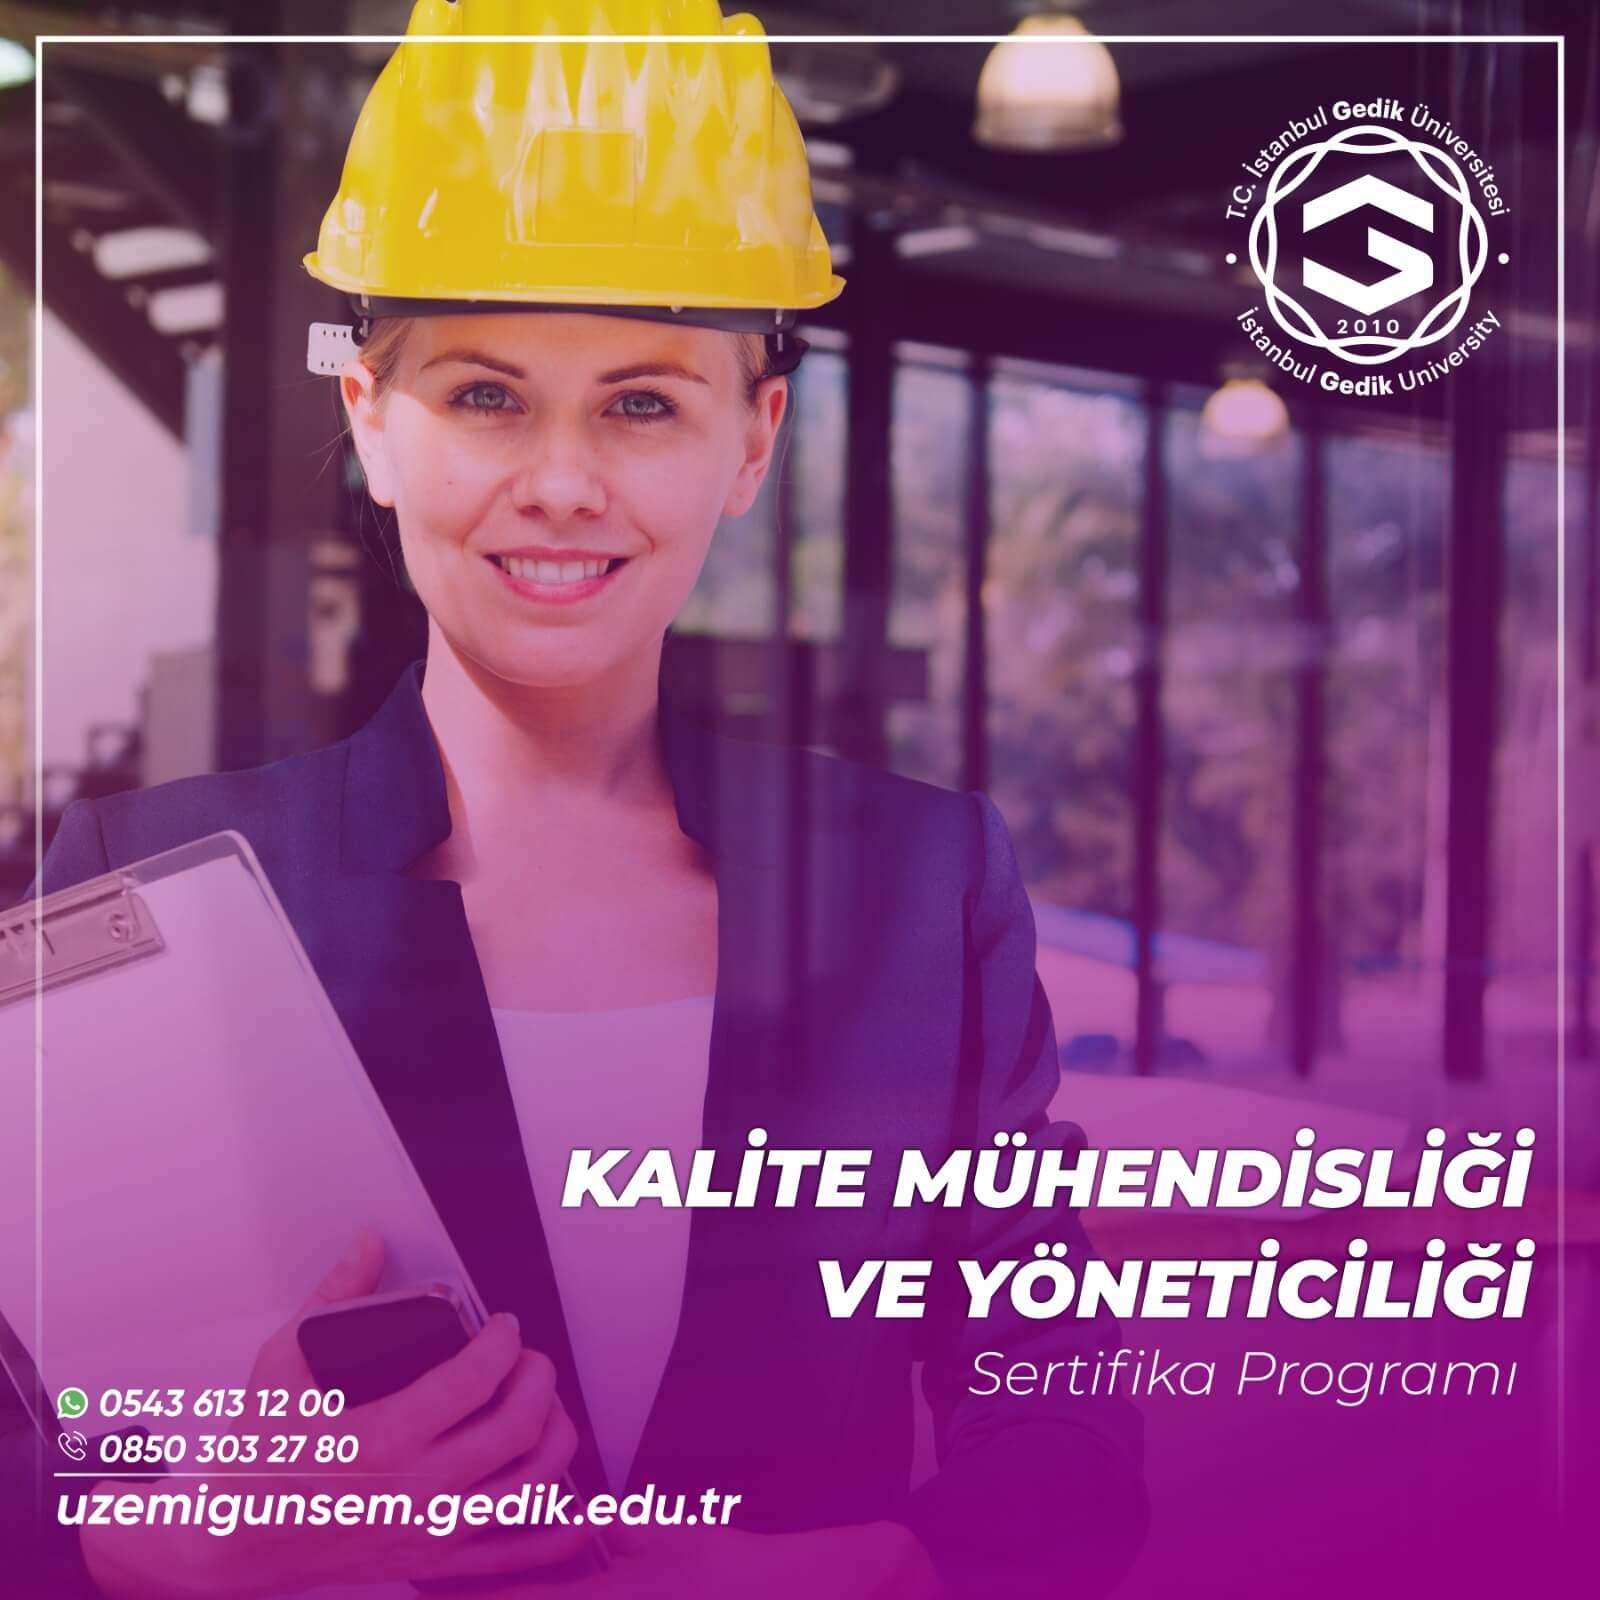 Kalite Mühendisliği ve Yöneticiliği Sertifikası